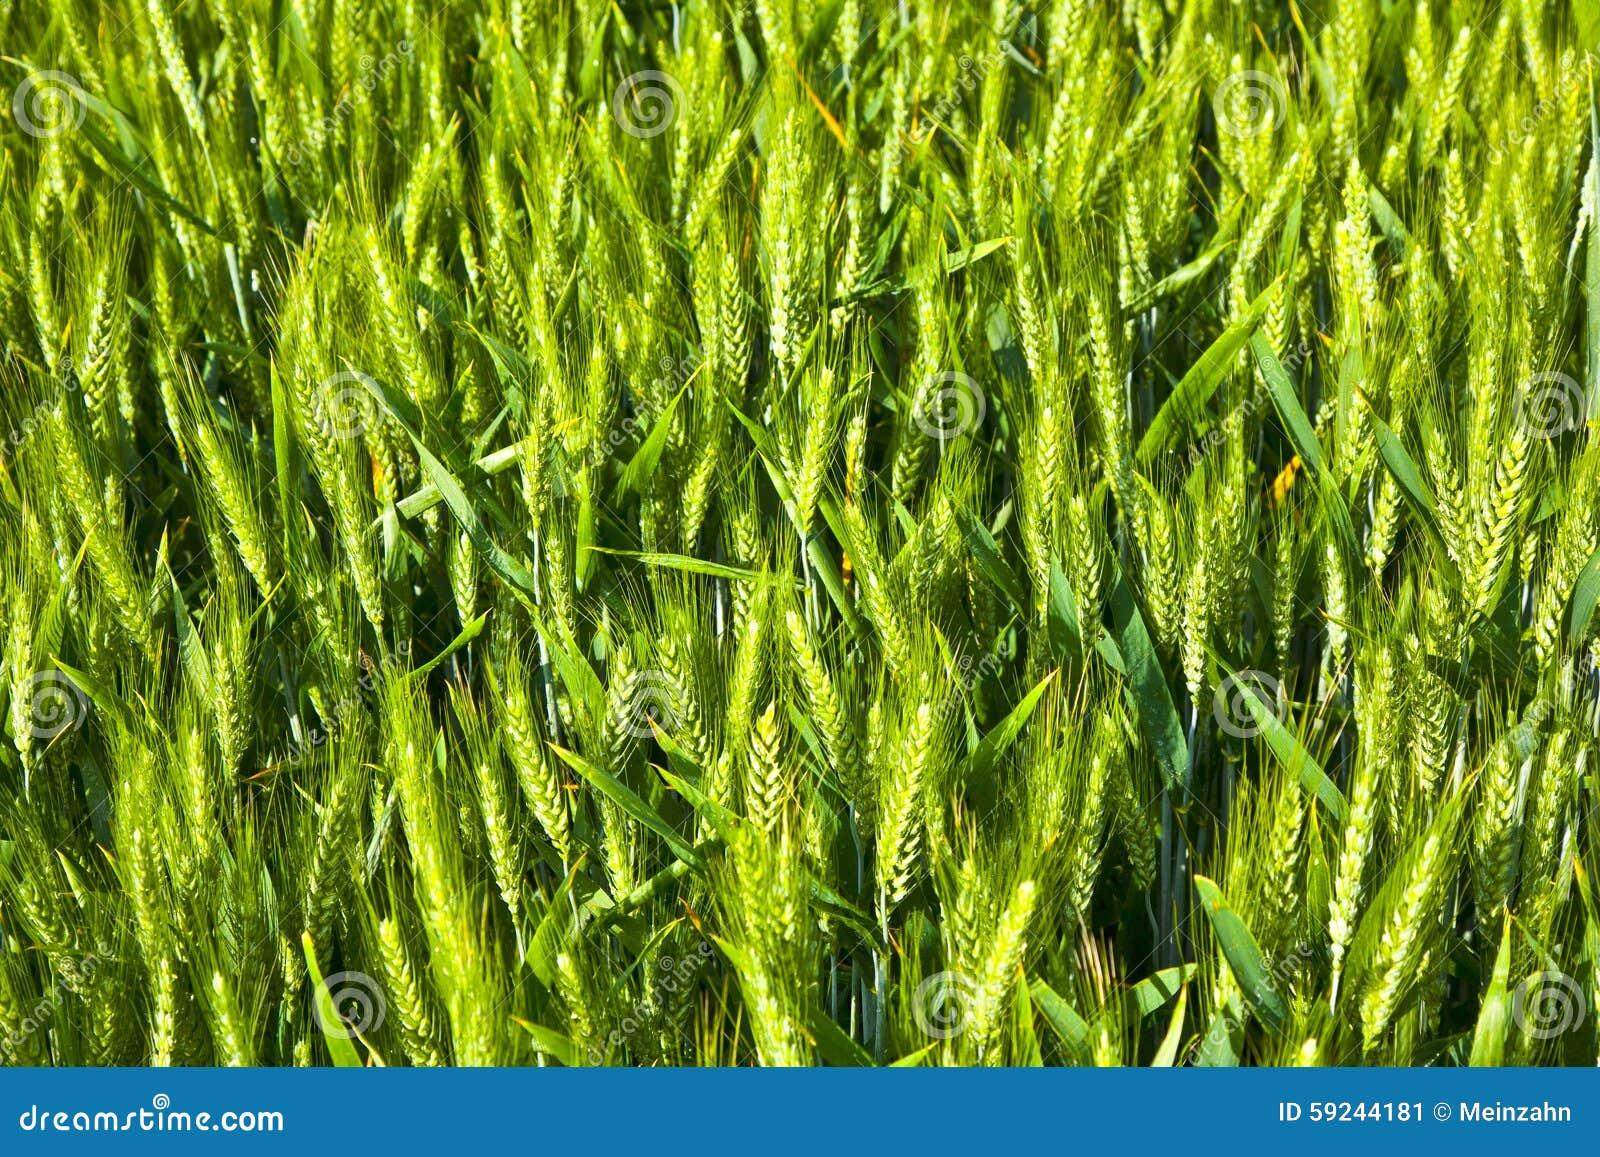 Download Spika del maíz imagen de archivo. Imagen de cultivación - 59244181